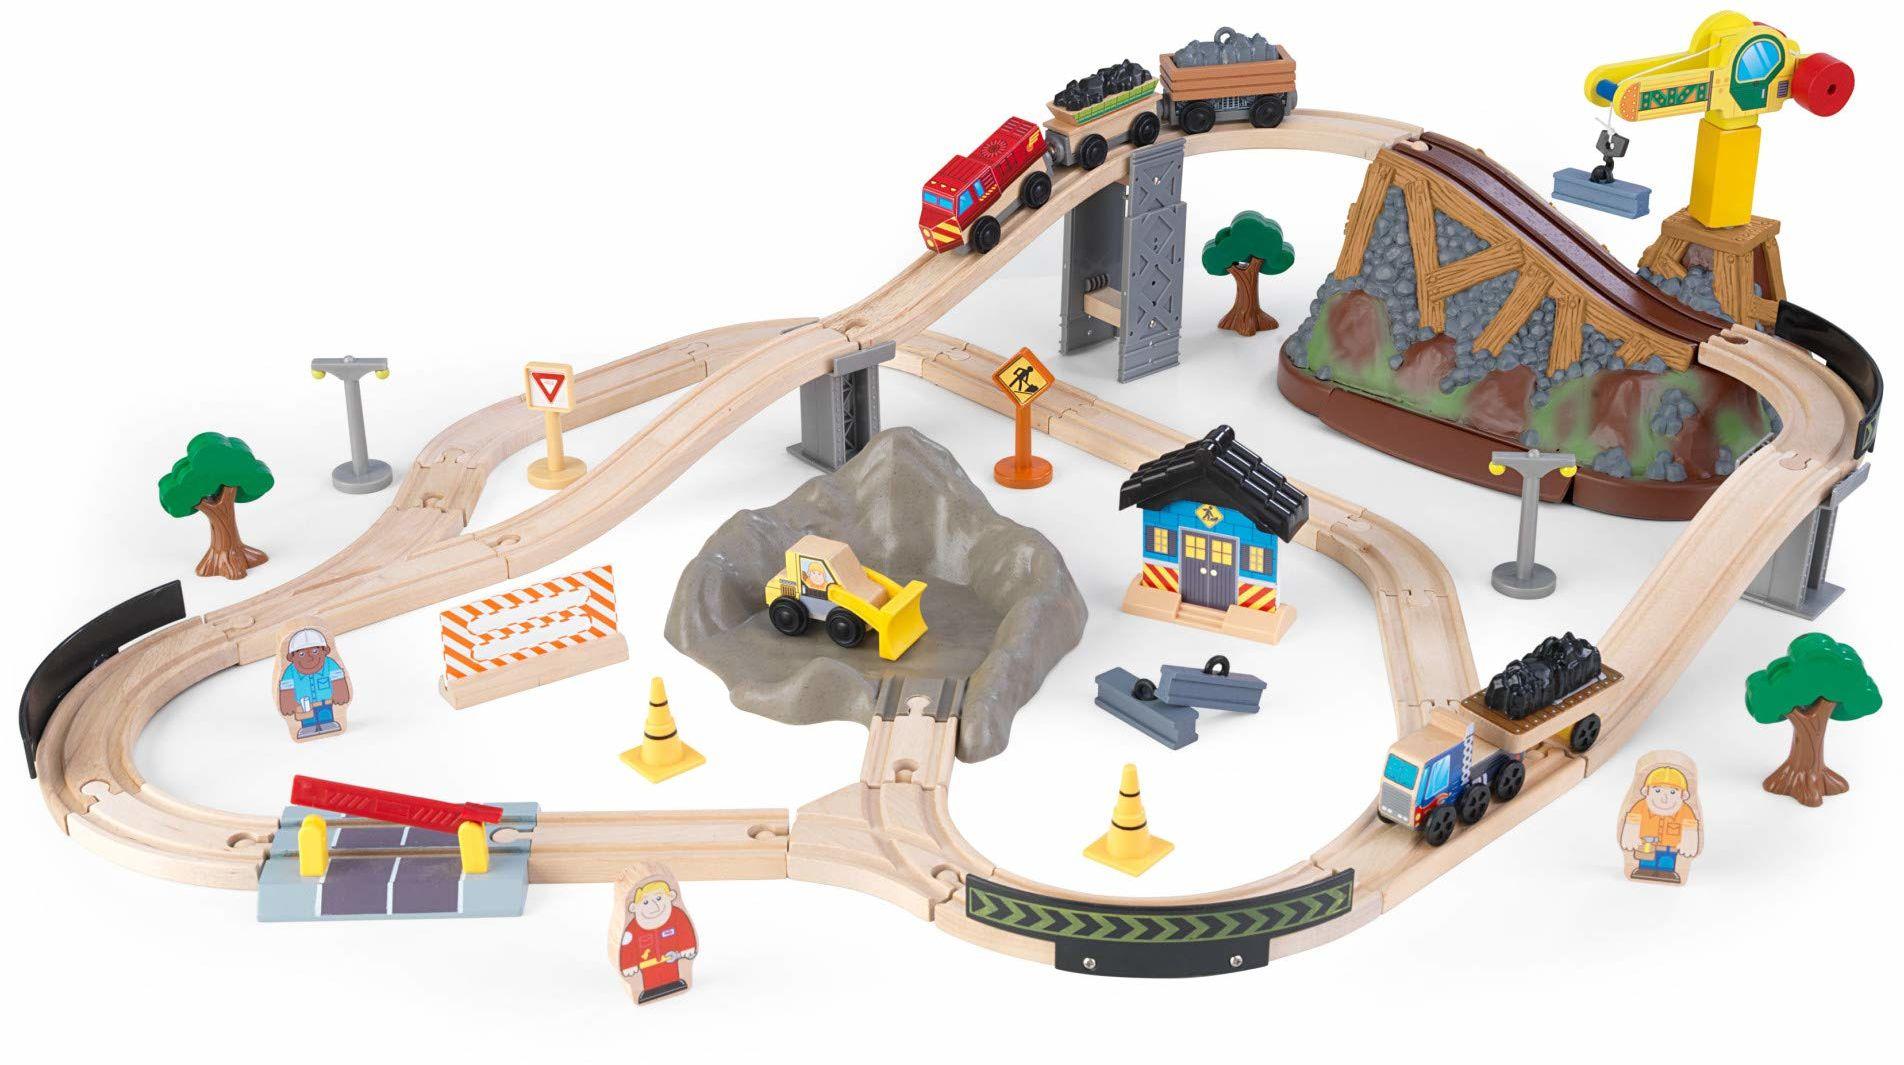 KidKraft 17805 zestaw kolejowy plac budowy z pudełkiem do przechowywania Bucket Top drewniany kolejka, wielokolorowy